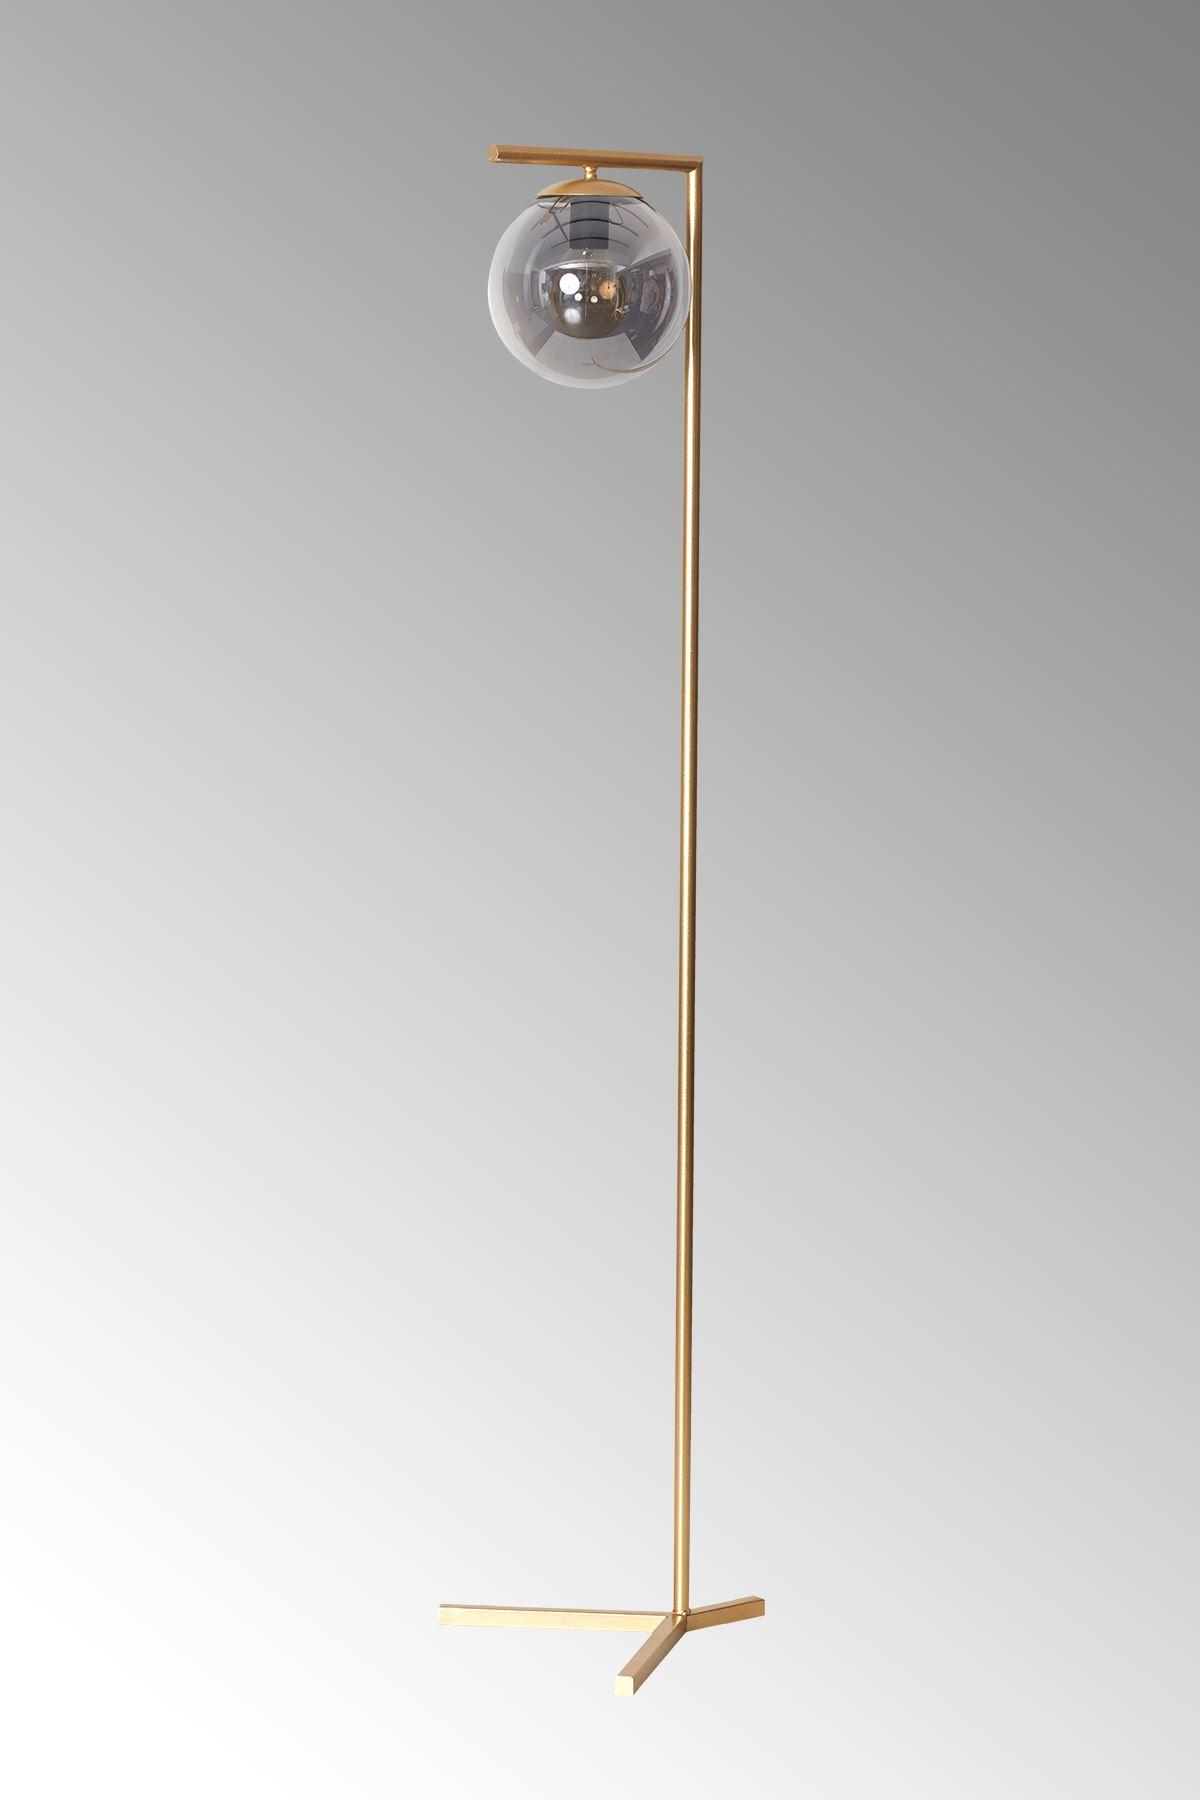 Linda Sarı Metal Gövde Füme Camlı Tasarım Lüx Yerden Aydınlatma Lambader